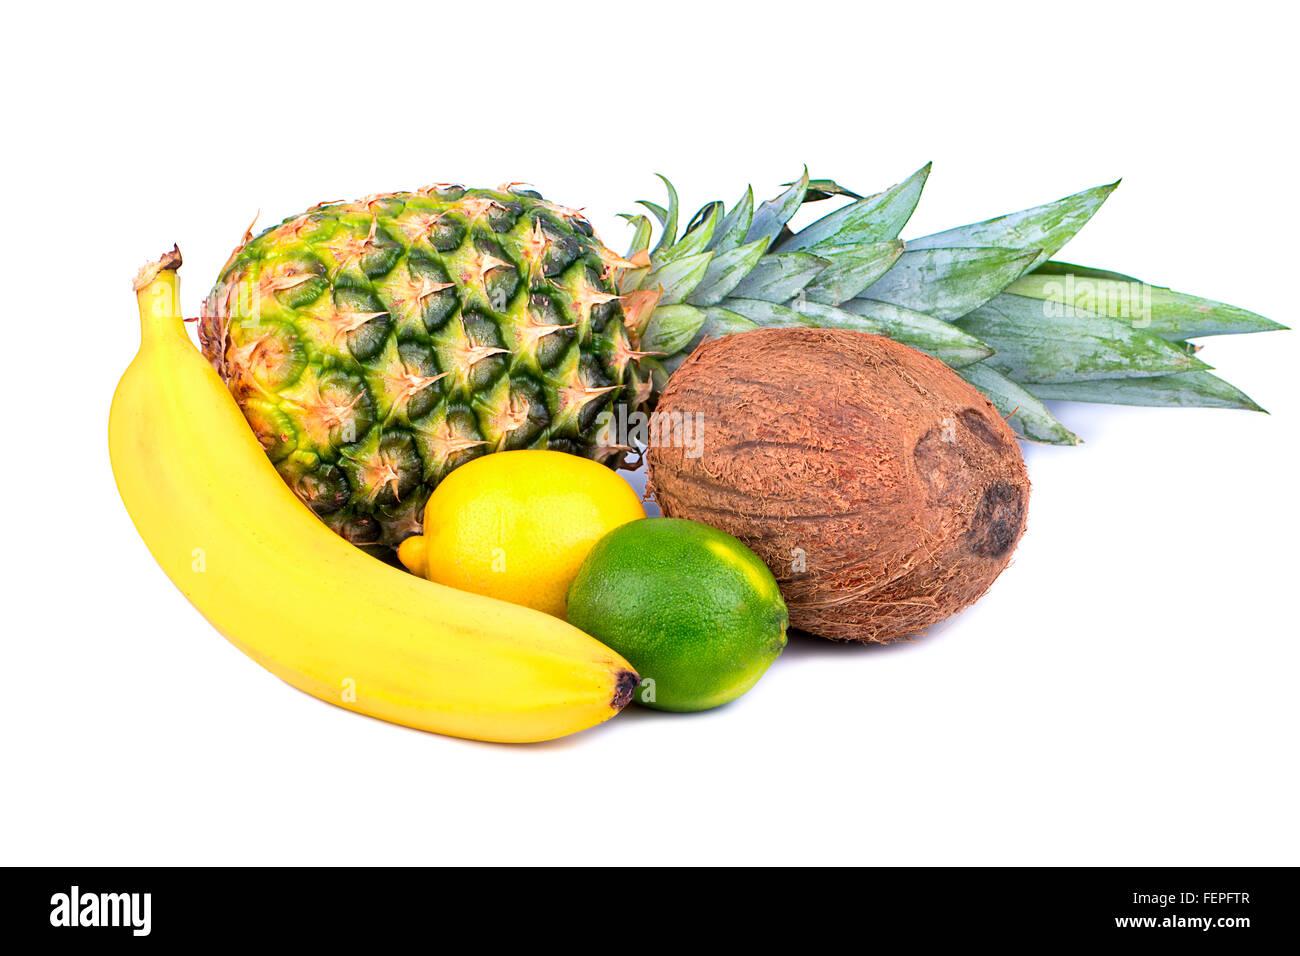 Tropische Früchte wie Bananen, Ananas, Kokos, Zitrone, Kalk isoliert auf weißem Hintergrund Stockbild